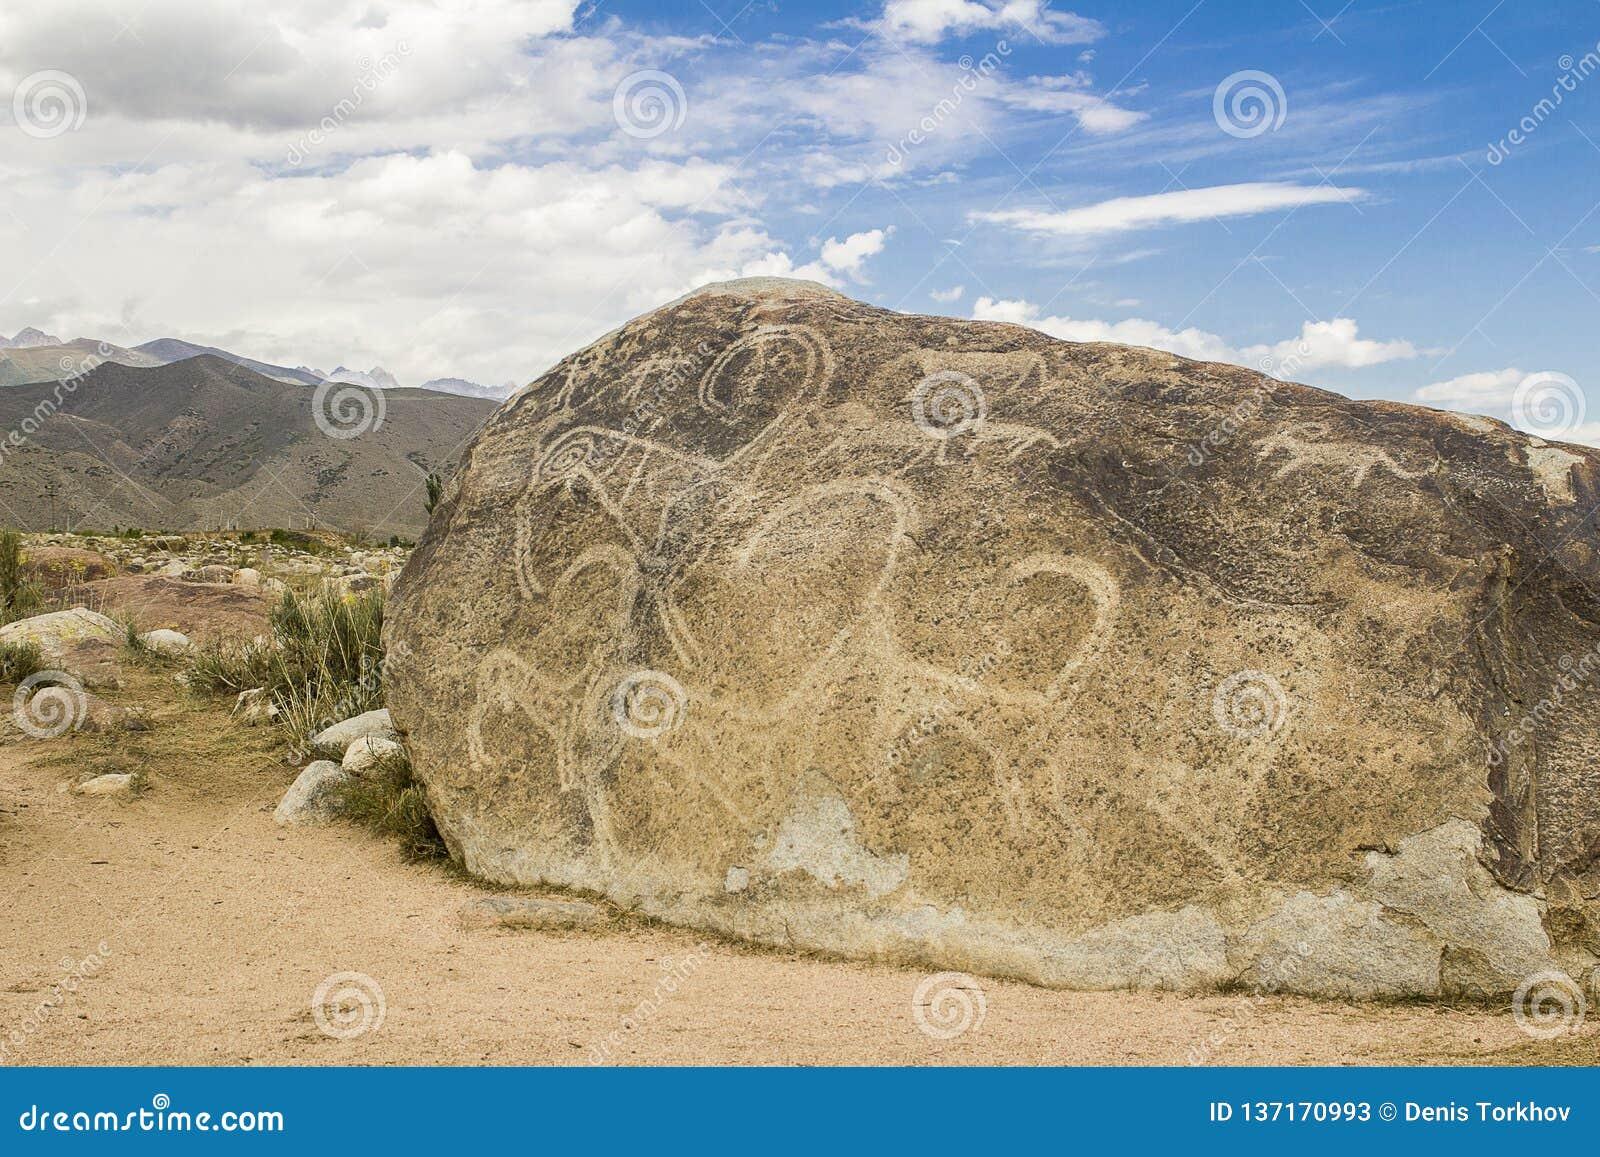 Verkliga petroglyphs på den naturliga stenen som finnas i stäppen, på en suddig bakgrund av härliga berg